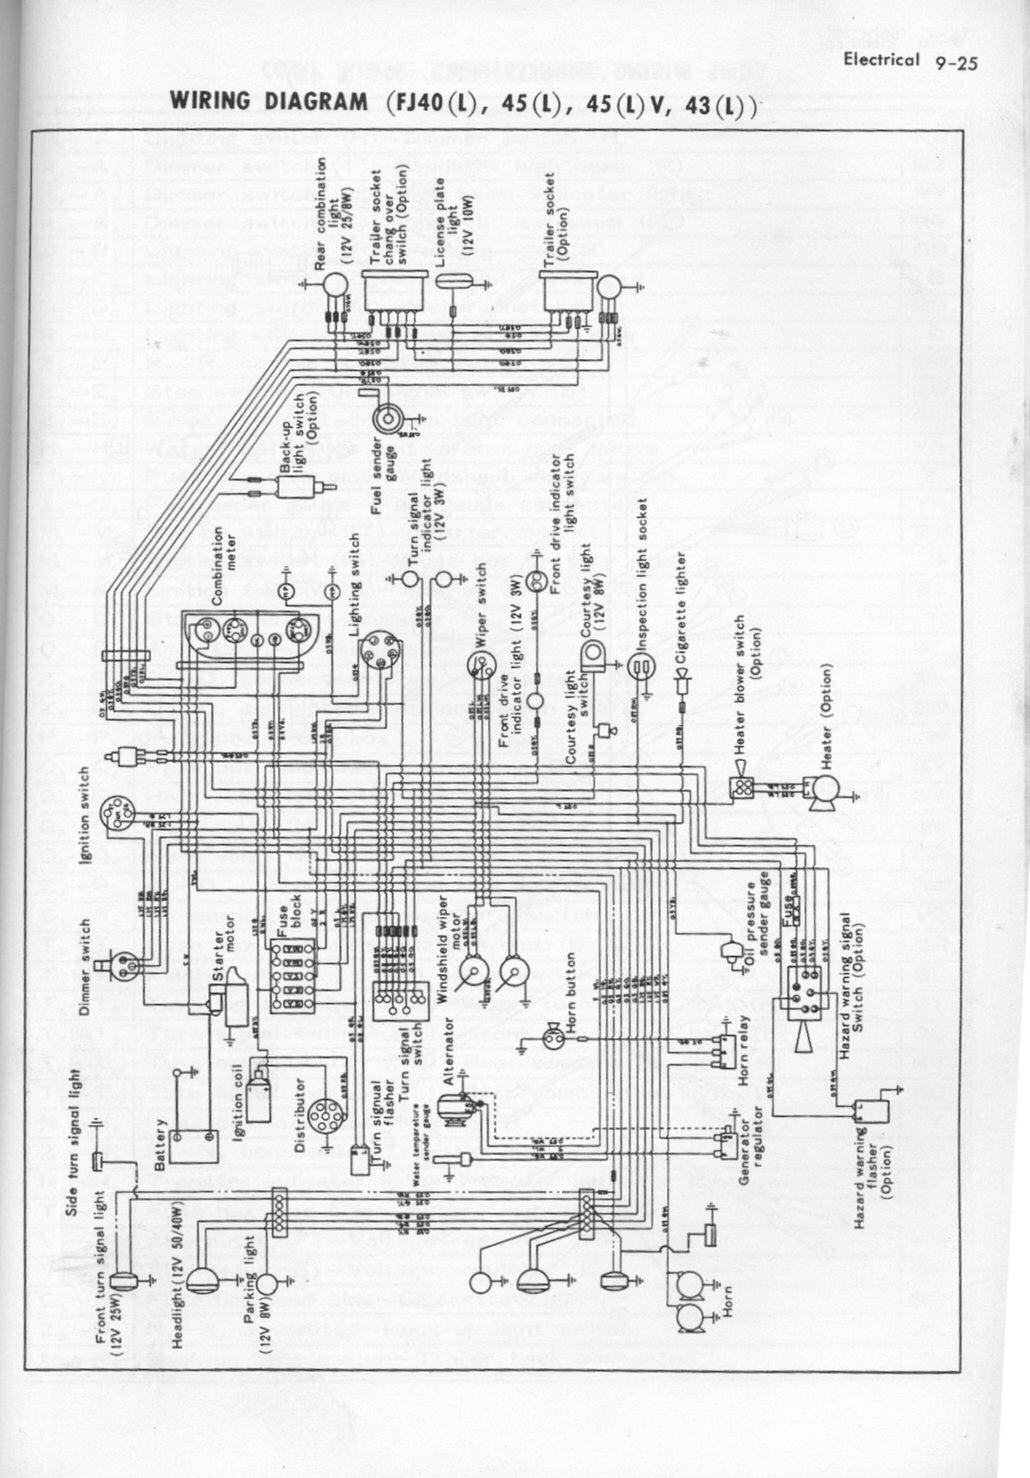 Zw37405 Outdoor Vacuum Circuit Breaker - Diagram Schematic on